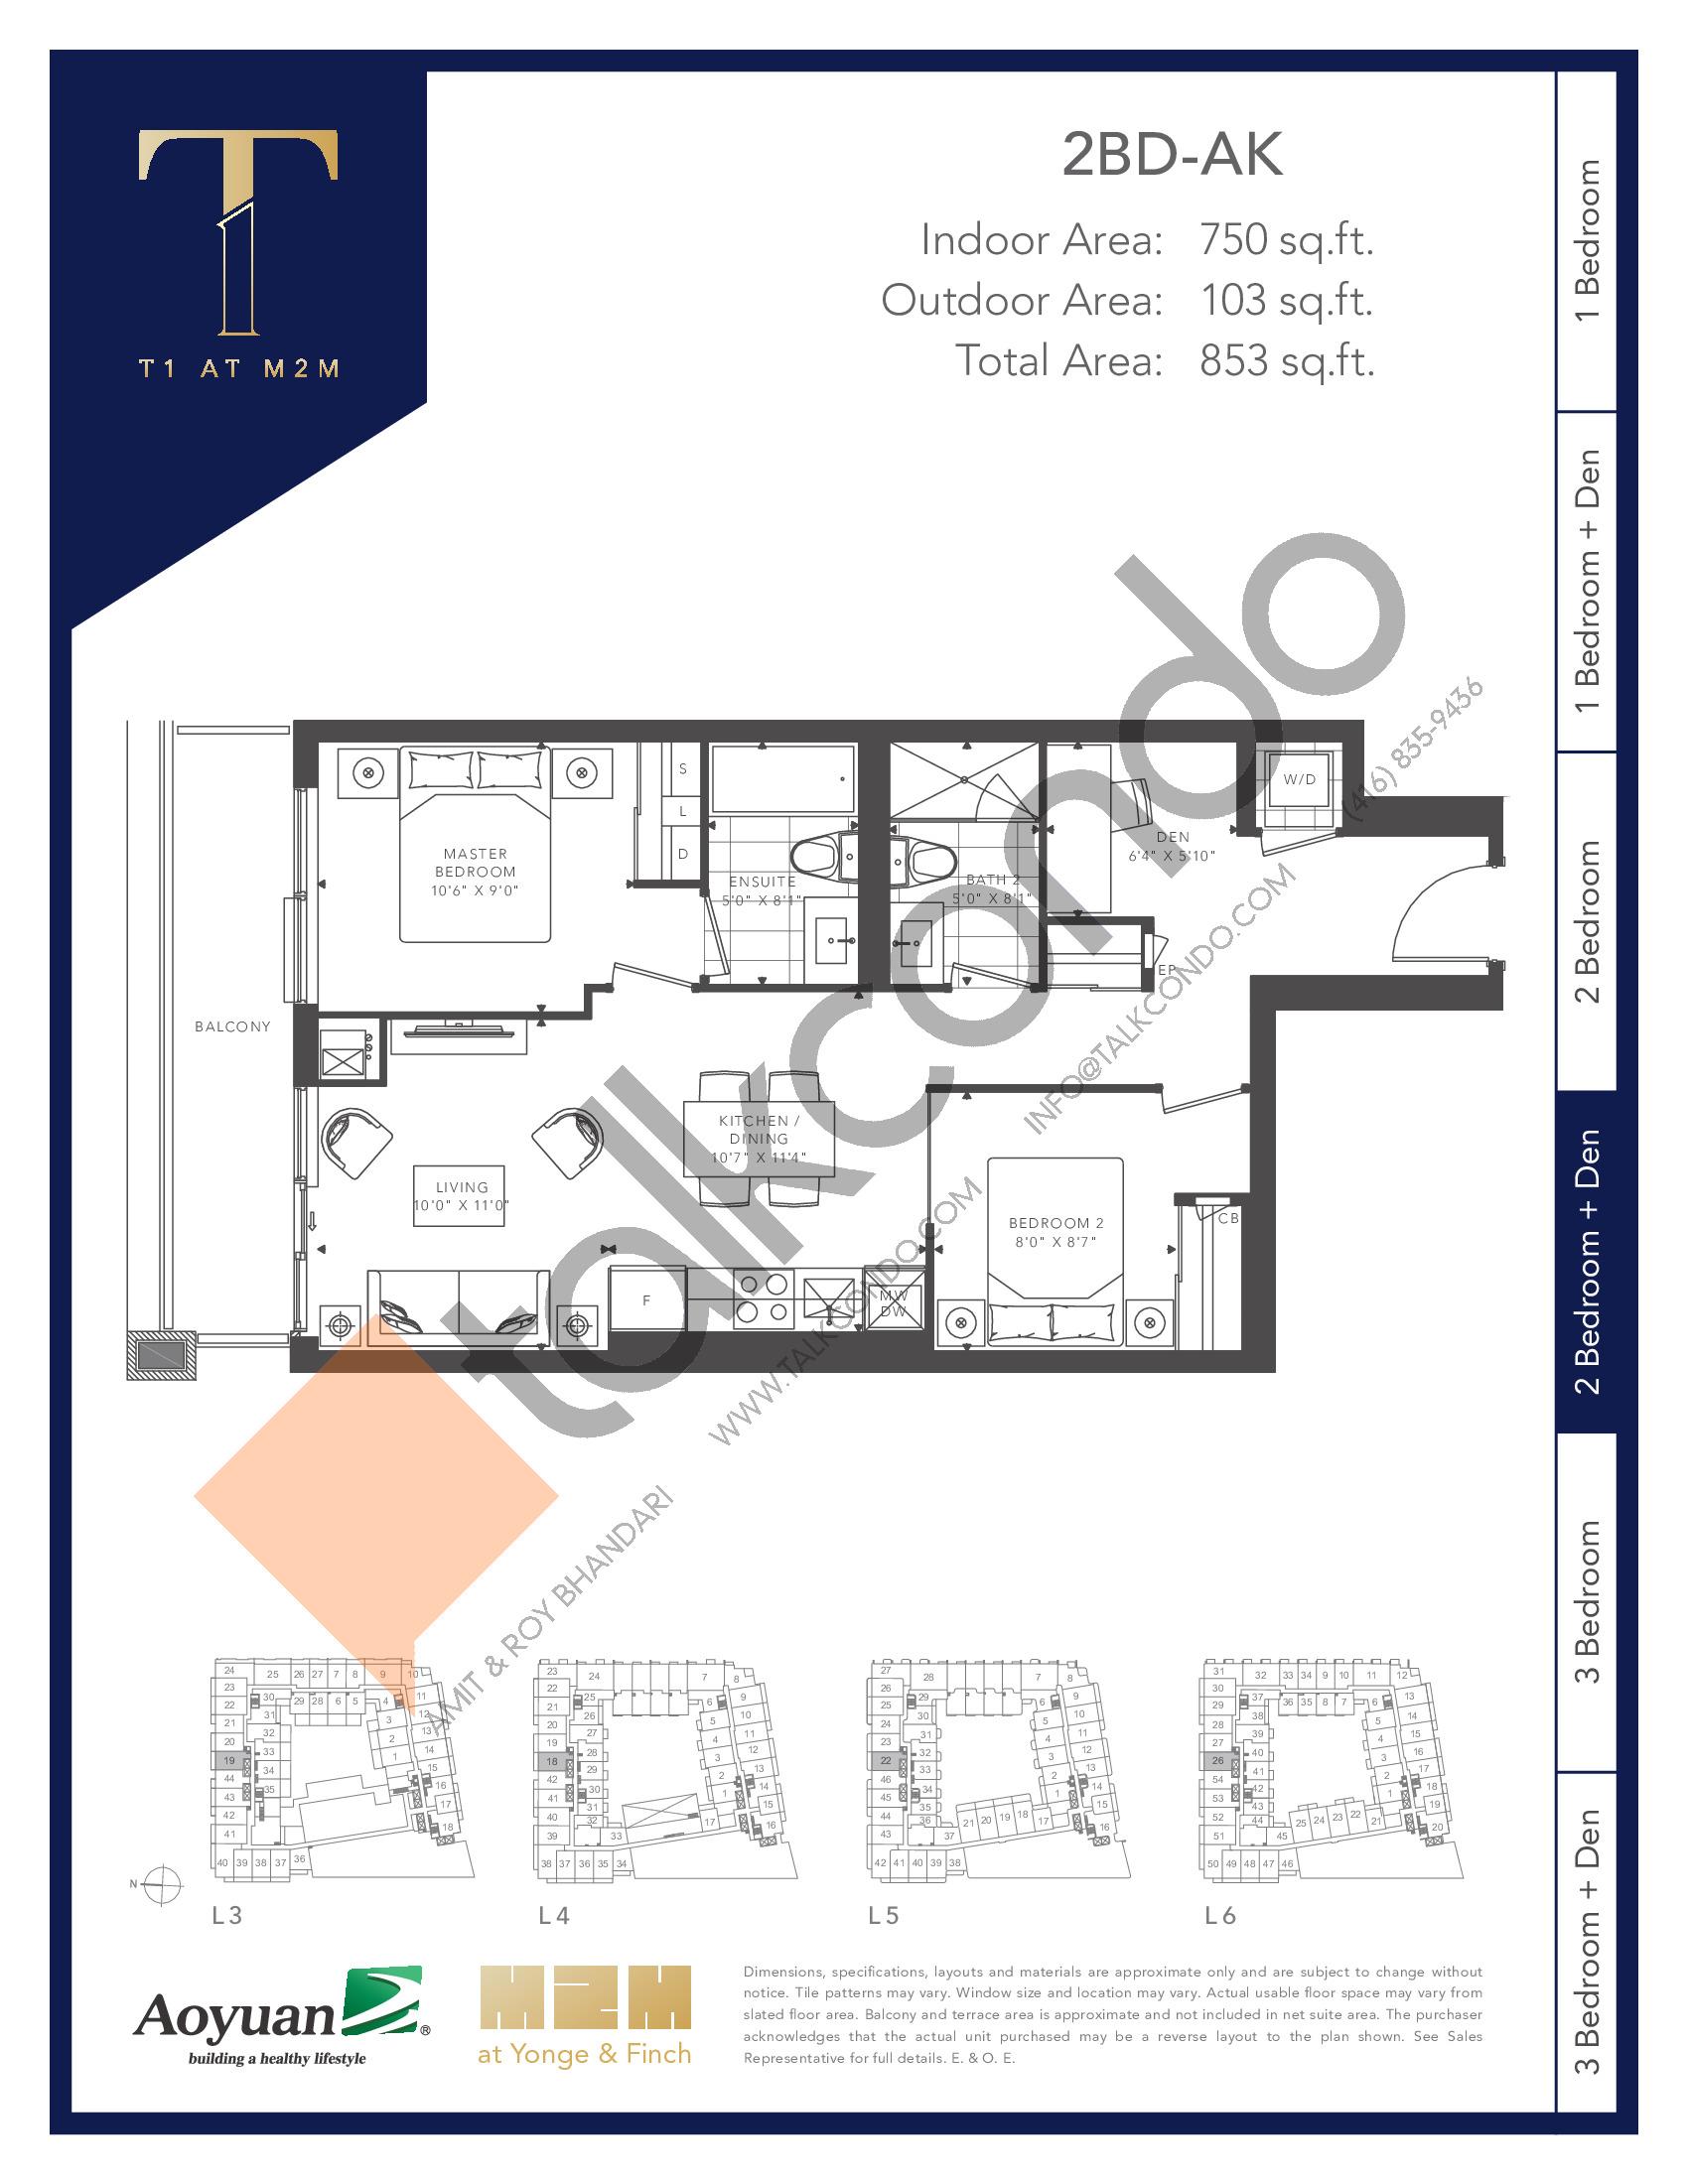 2BD-AK Floor Plan at T1 at M2M Condos - 750 sq.ft